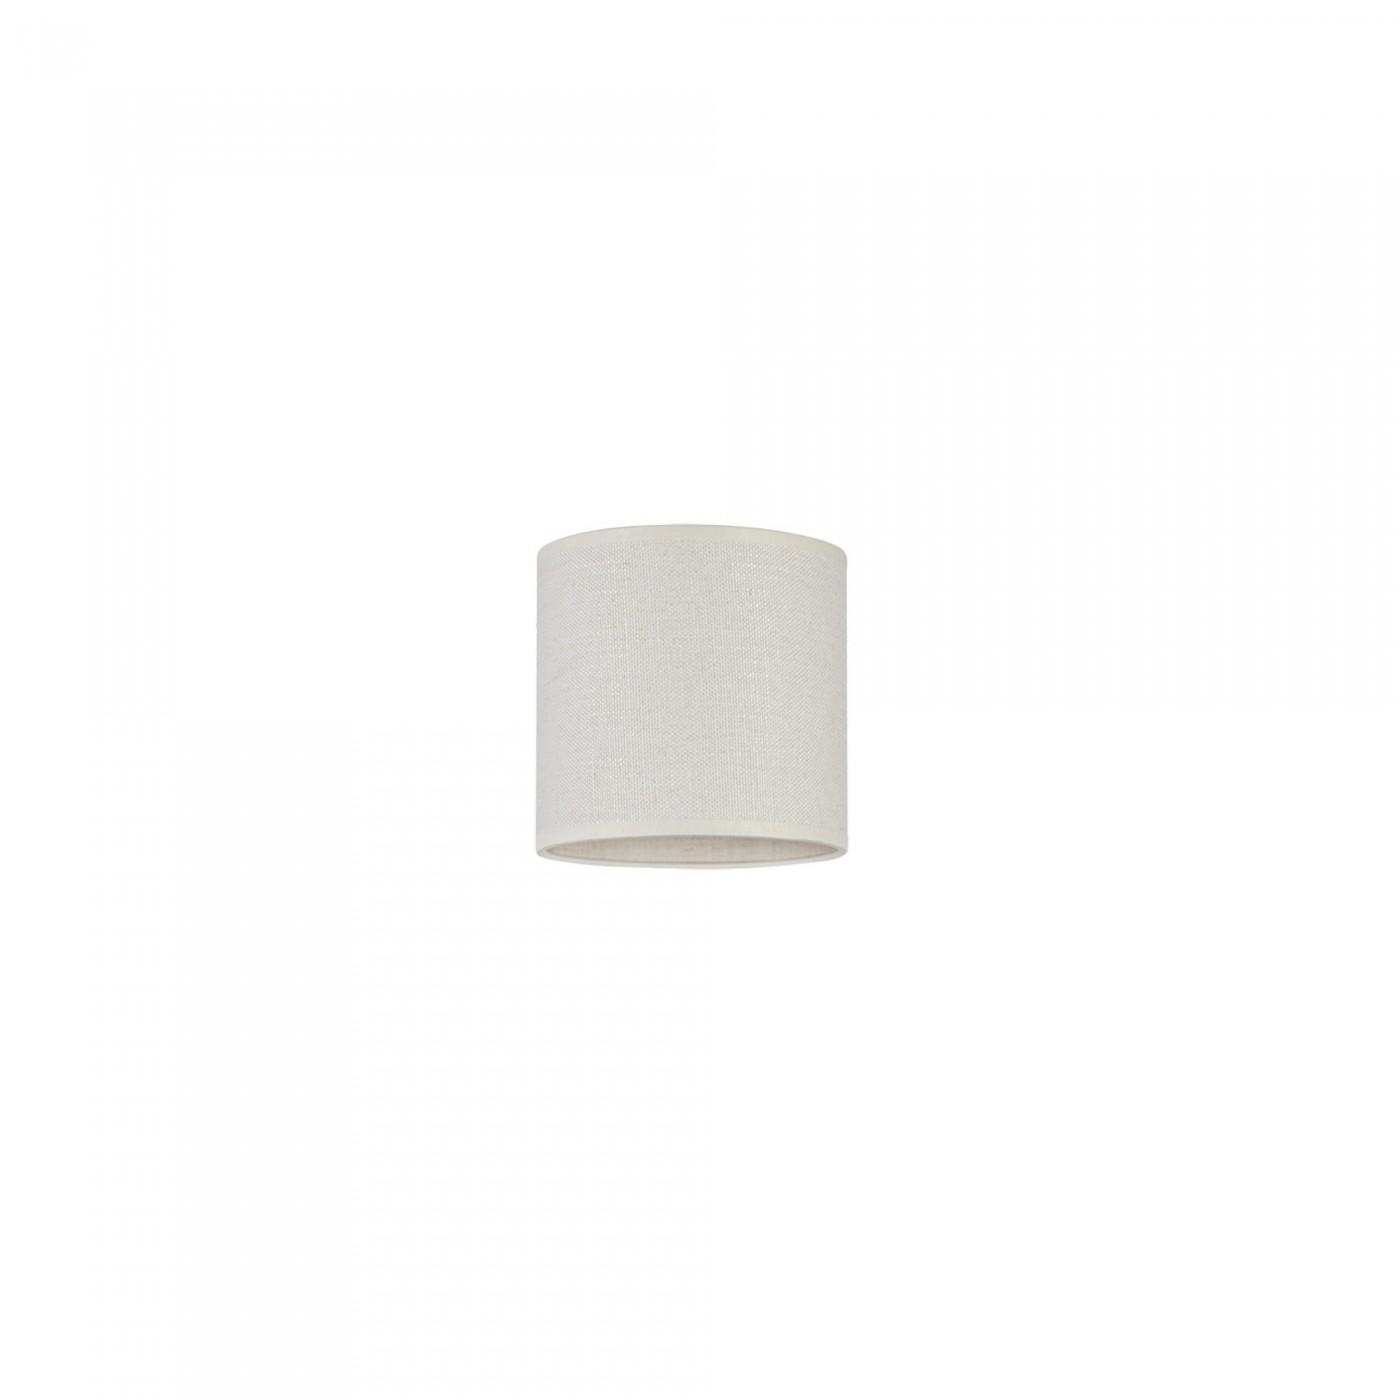 CAMELEON BARREL WIDE S WH 8518 Nowodvorski Lighting